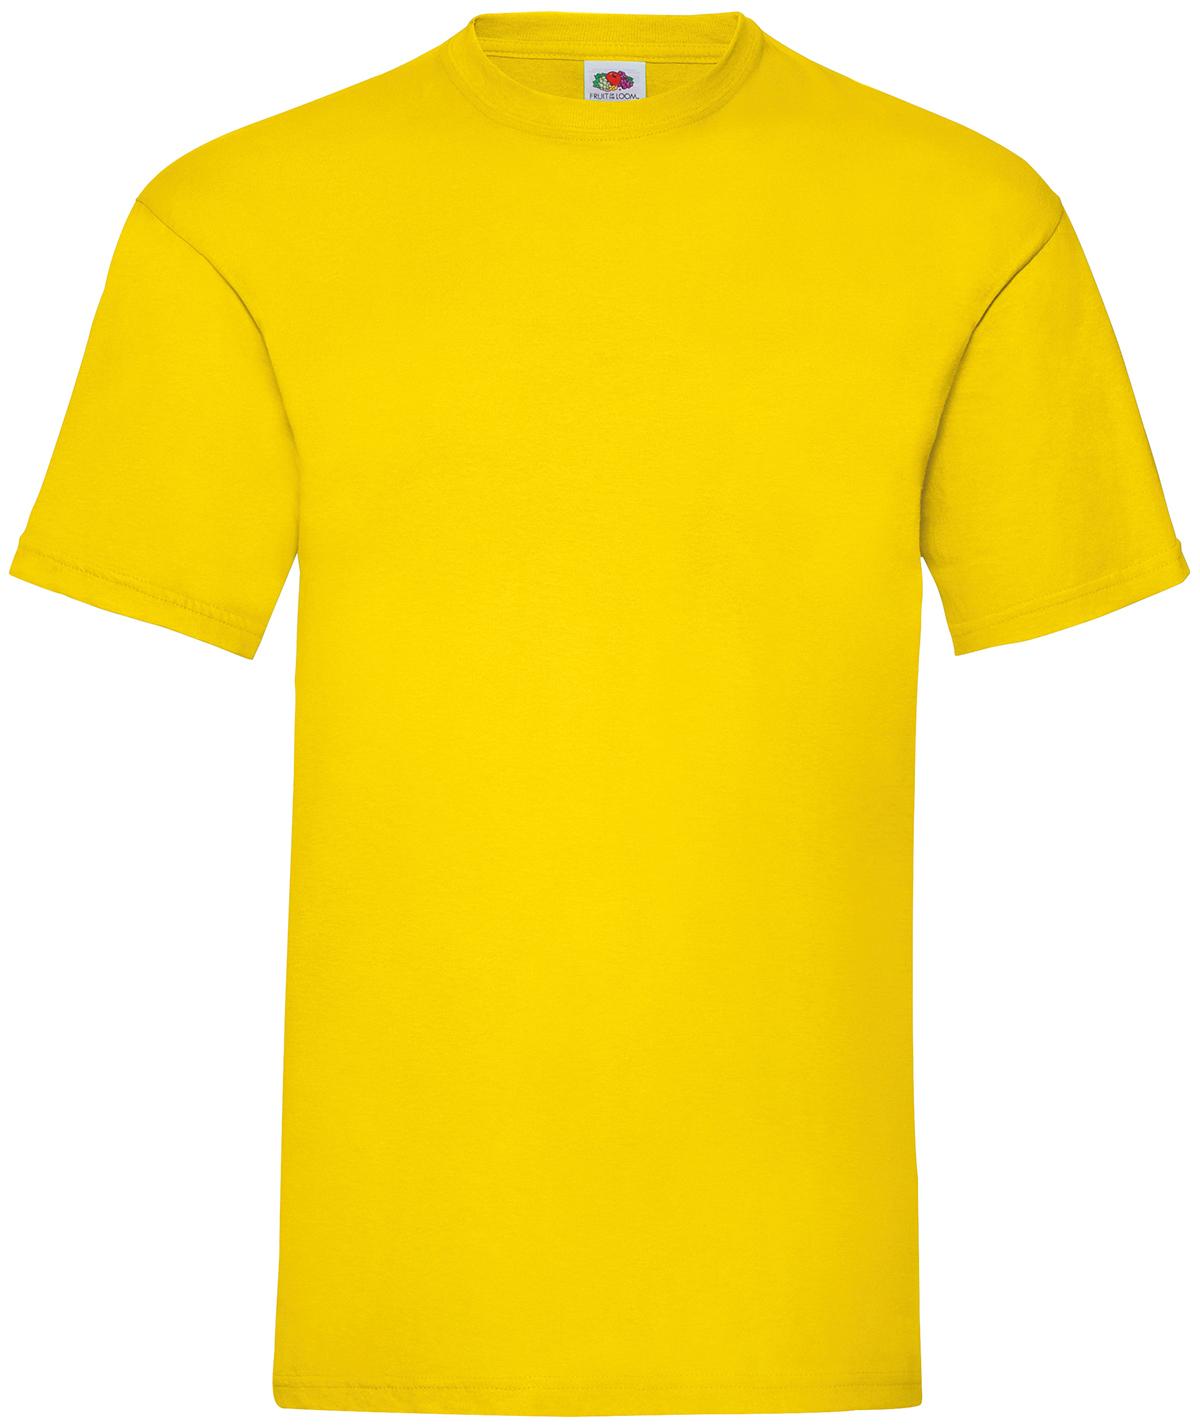 Indexbild 16 - Fruit of the Loom UNISEX T-Shirt Bestseller Top Angebot Herren Damen NEU